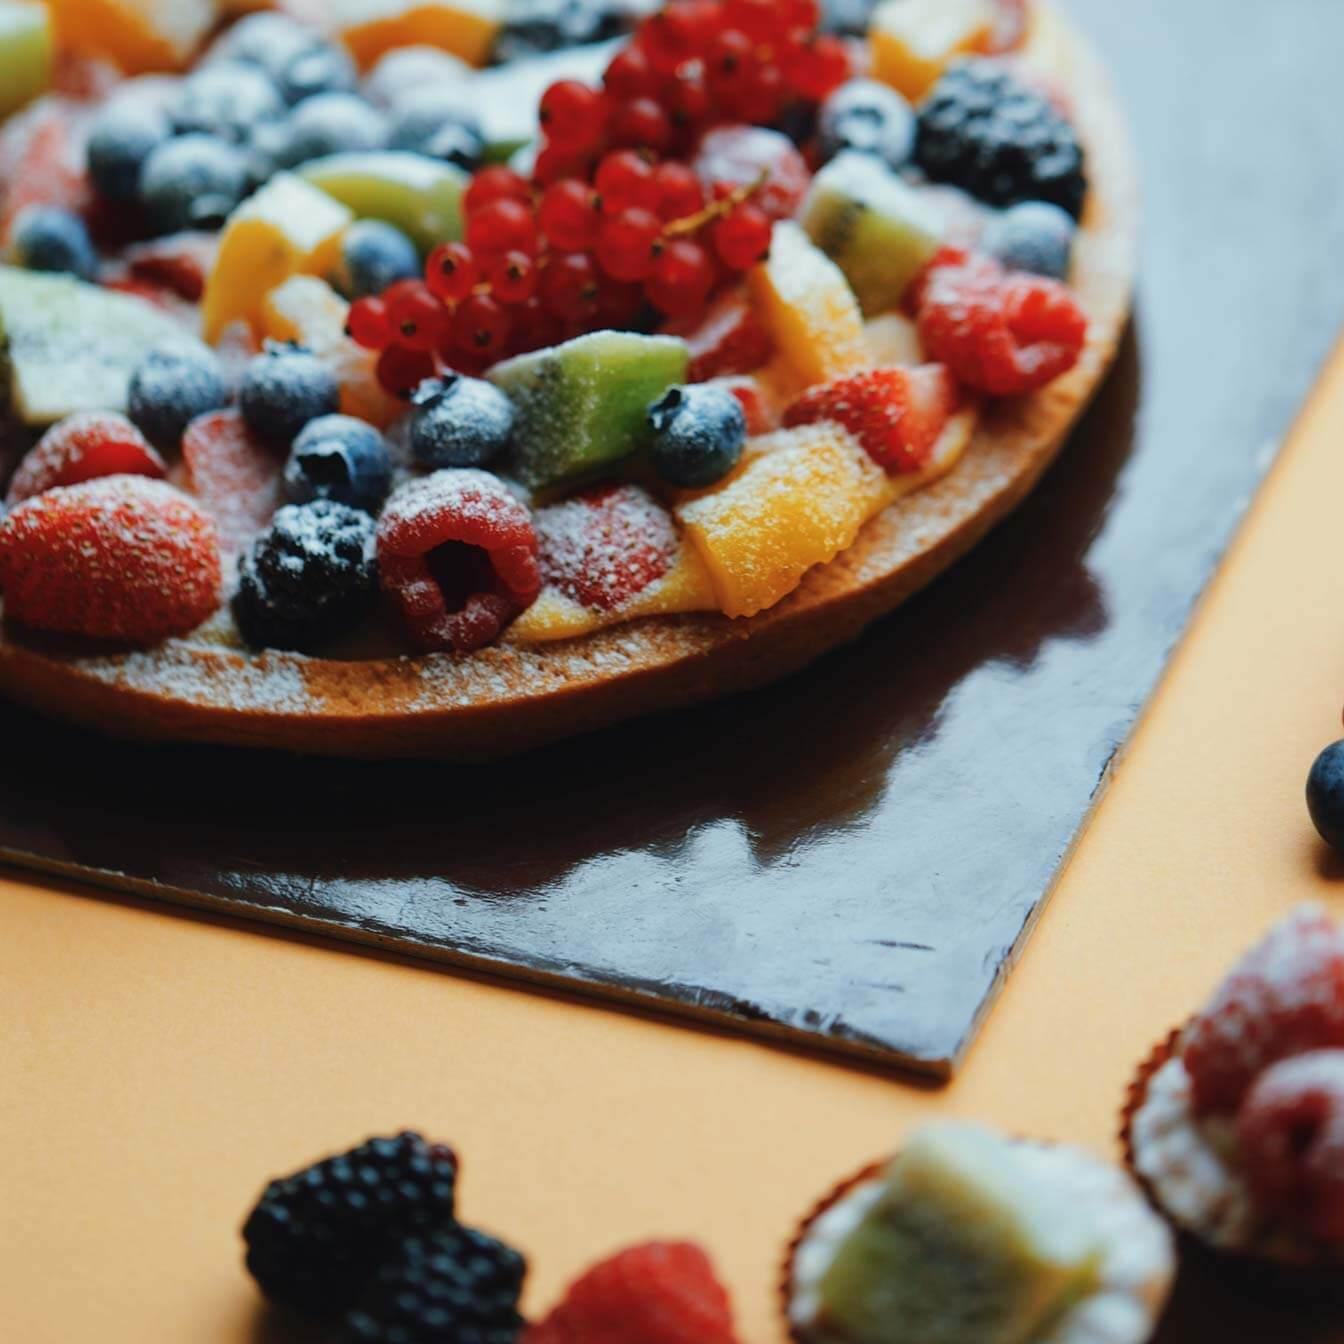 Crostata di frutta con misure standard che vanno dai 600g (4/6 perosne) fino 1.5 Kg (10/12 persone). Opzione senza lattosio.